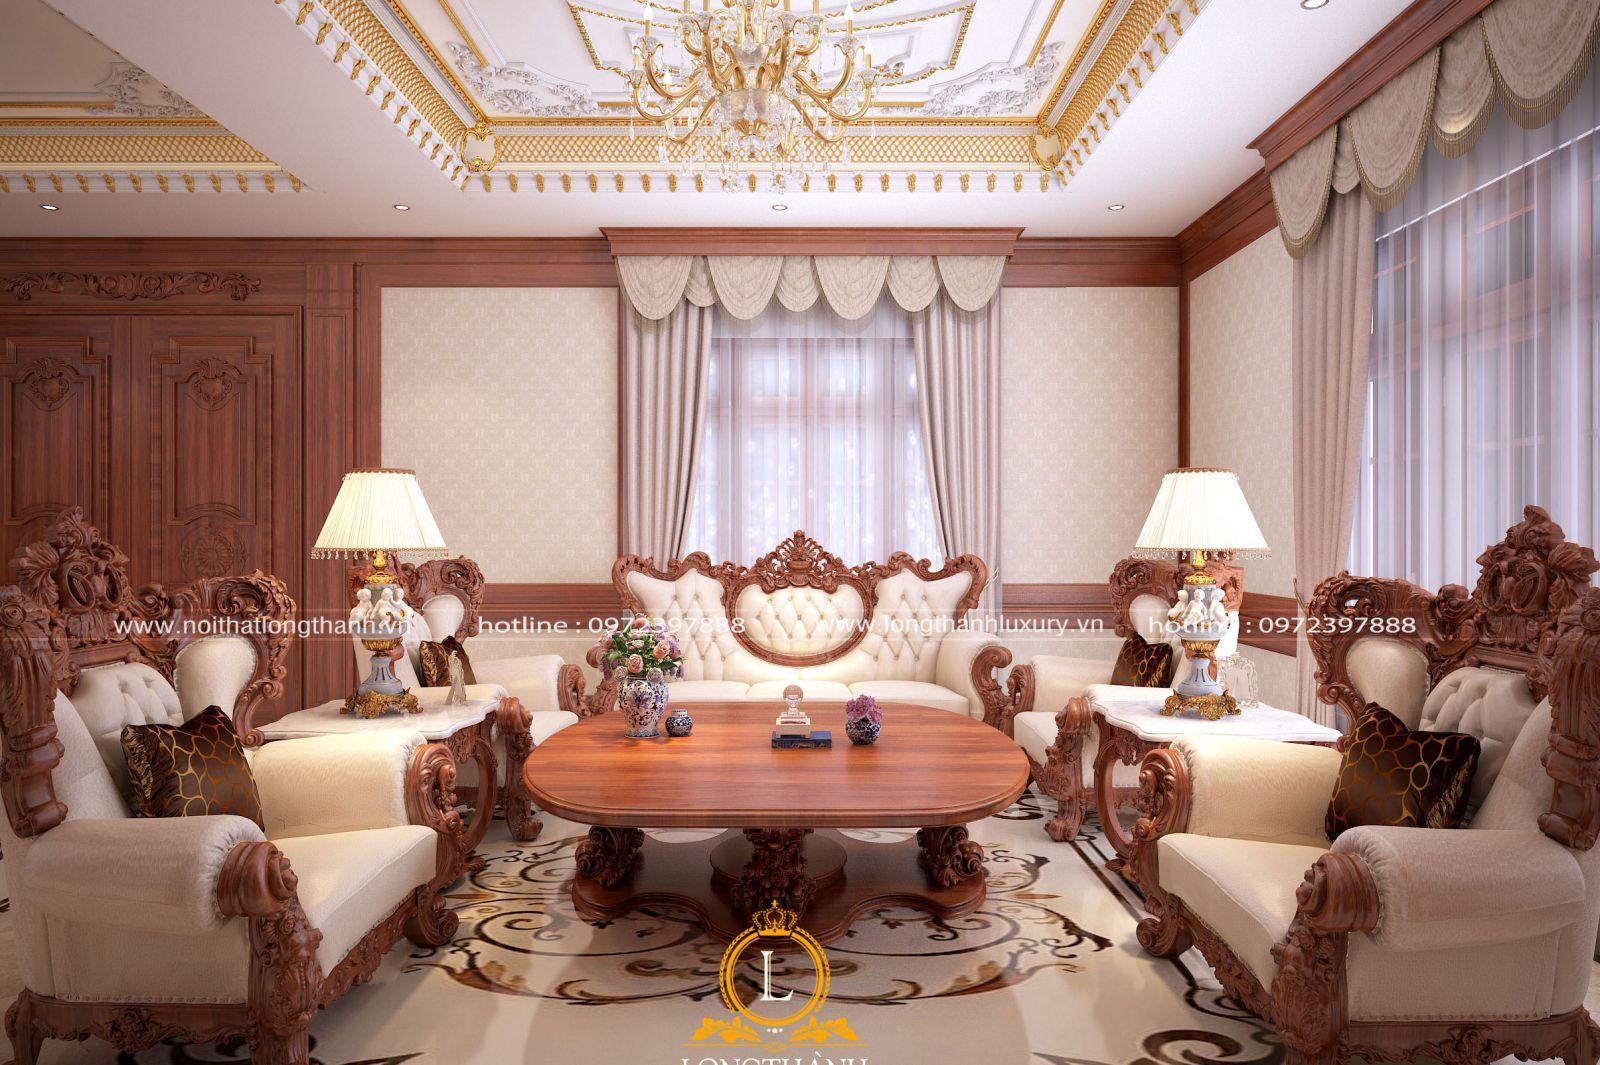 Bộ sofa đep đóng vai trò chủ đạo trong không gian phòng khách sang trọng